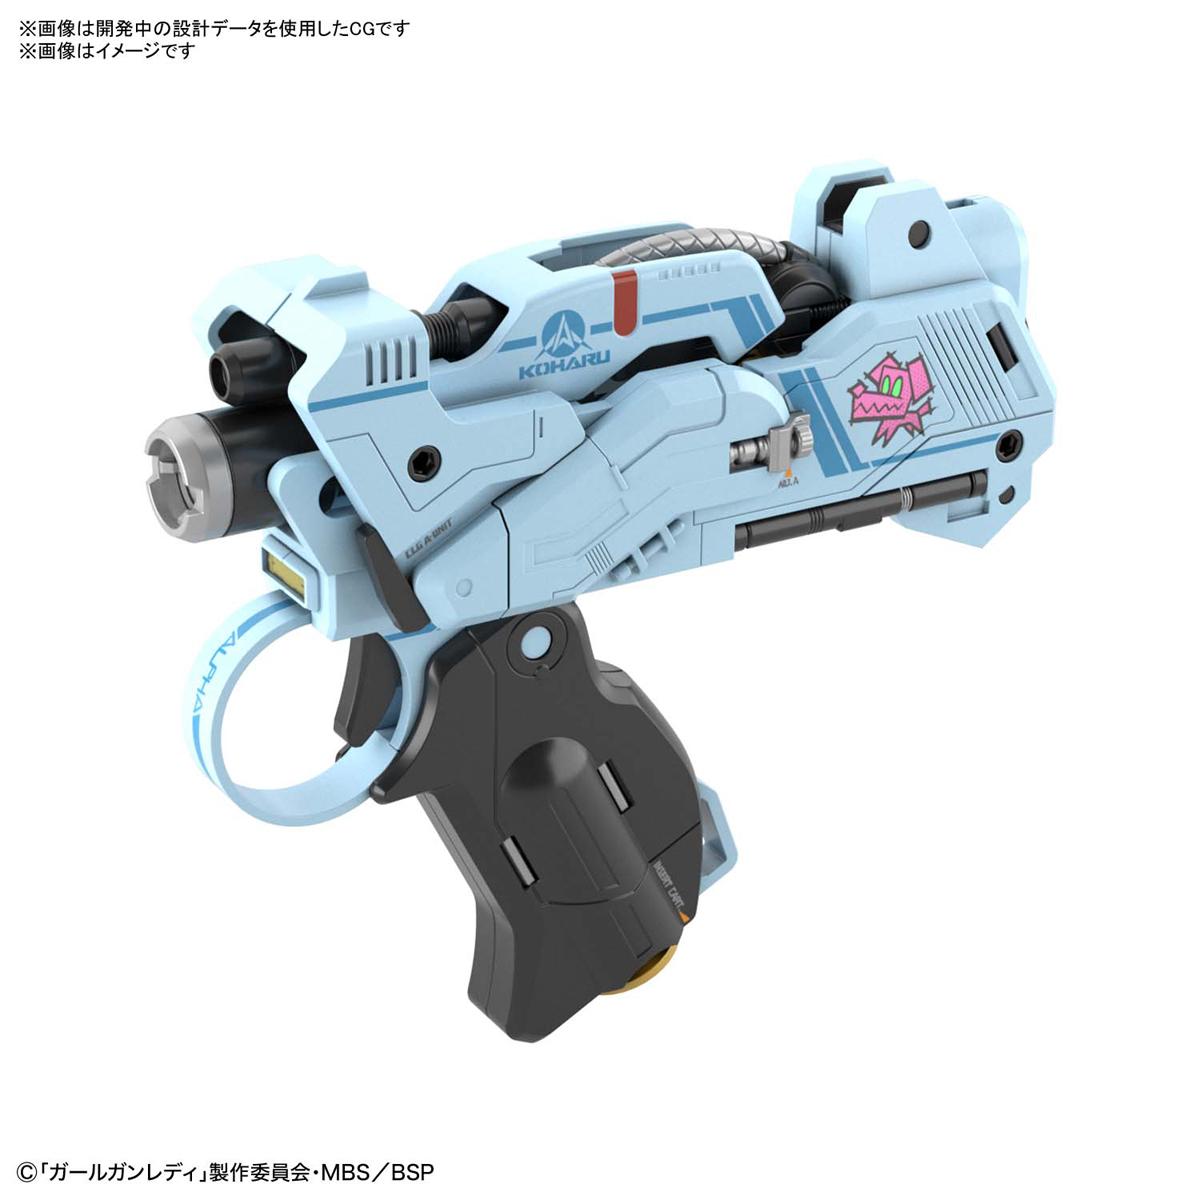 ガールガンレディ(GGL)『アタックガールガン×レディコマンダーアリス セットBOX』プラモデル-002